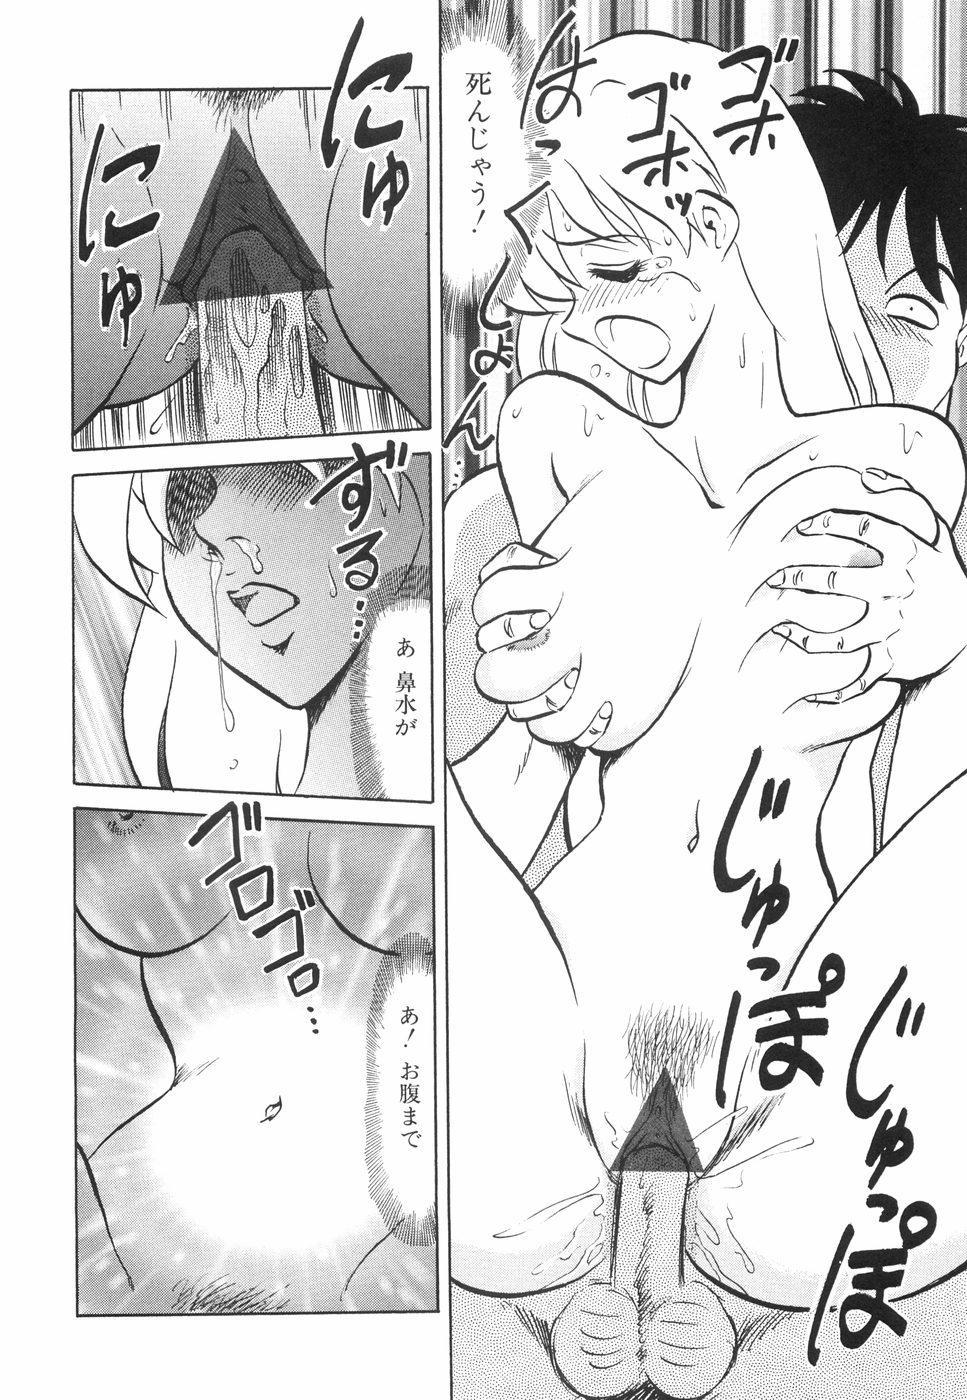 Hazukashime no Jikan 120